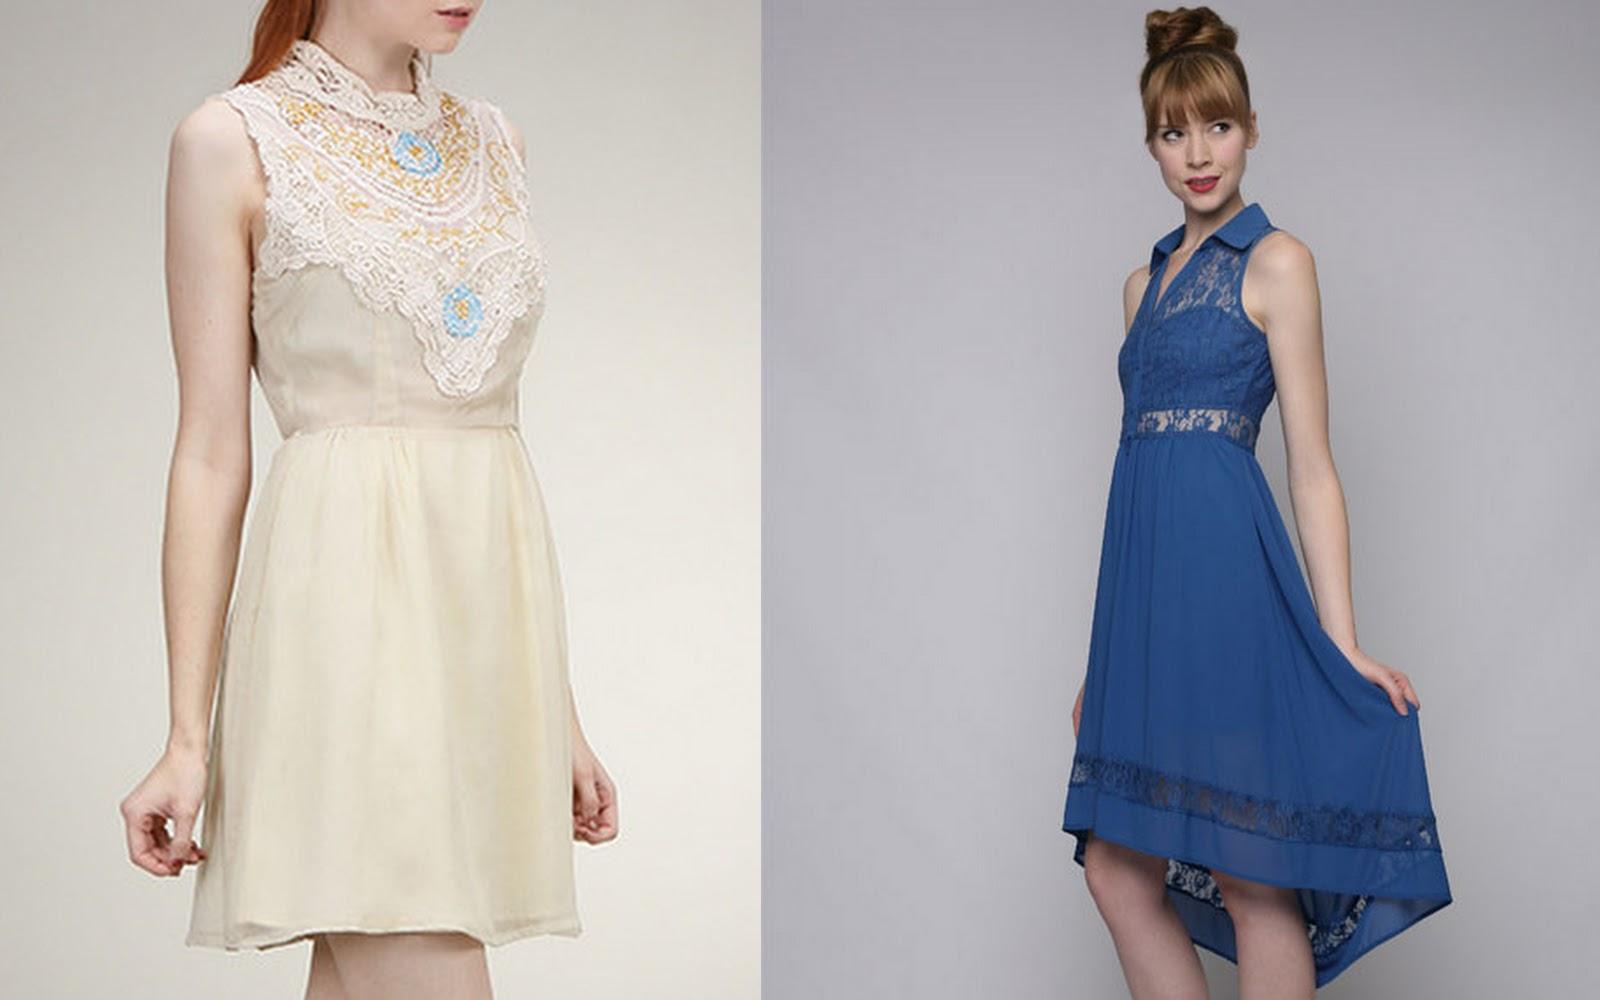 http://3.bp.blogspot.com/-p_A2j0ta6hg/UWWJ3_5zYfI/AAAAAAAAKrU/8-ck5Ztv2Yk/s1600/spring-dresses.jpg